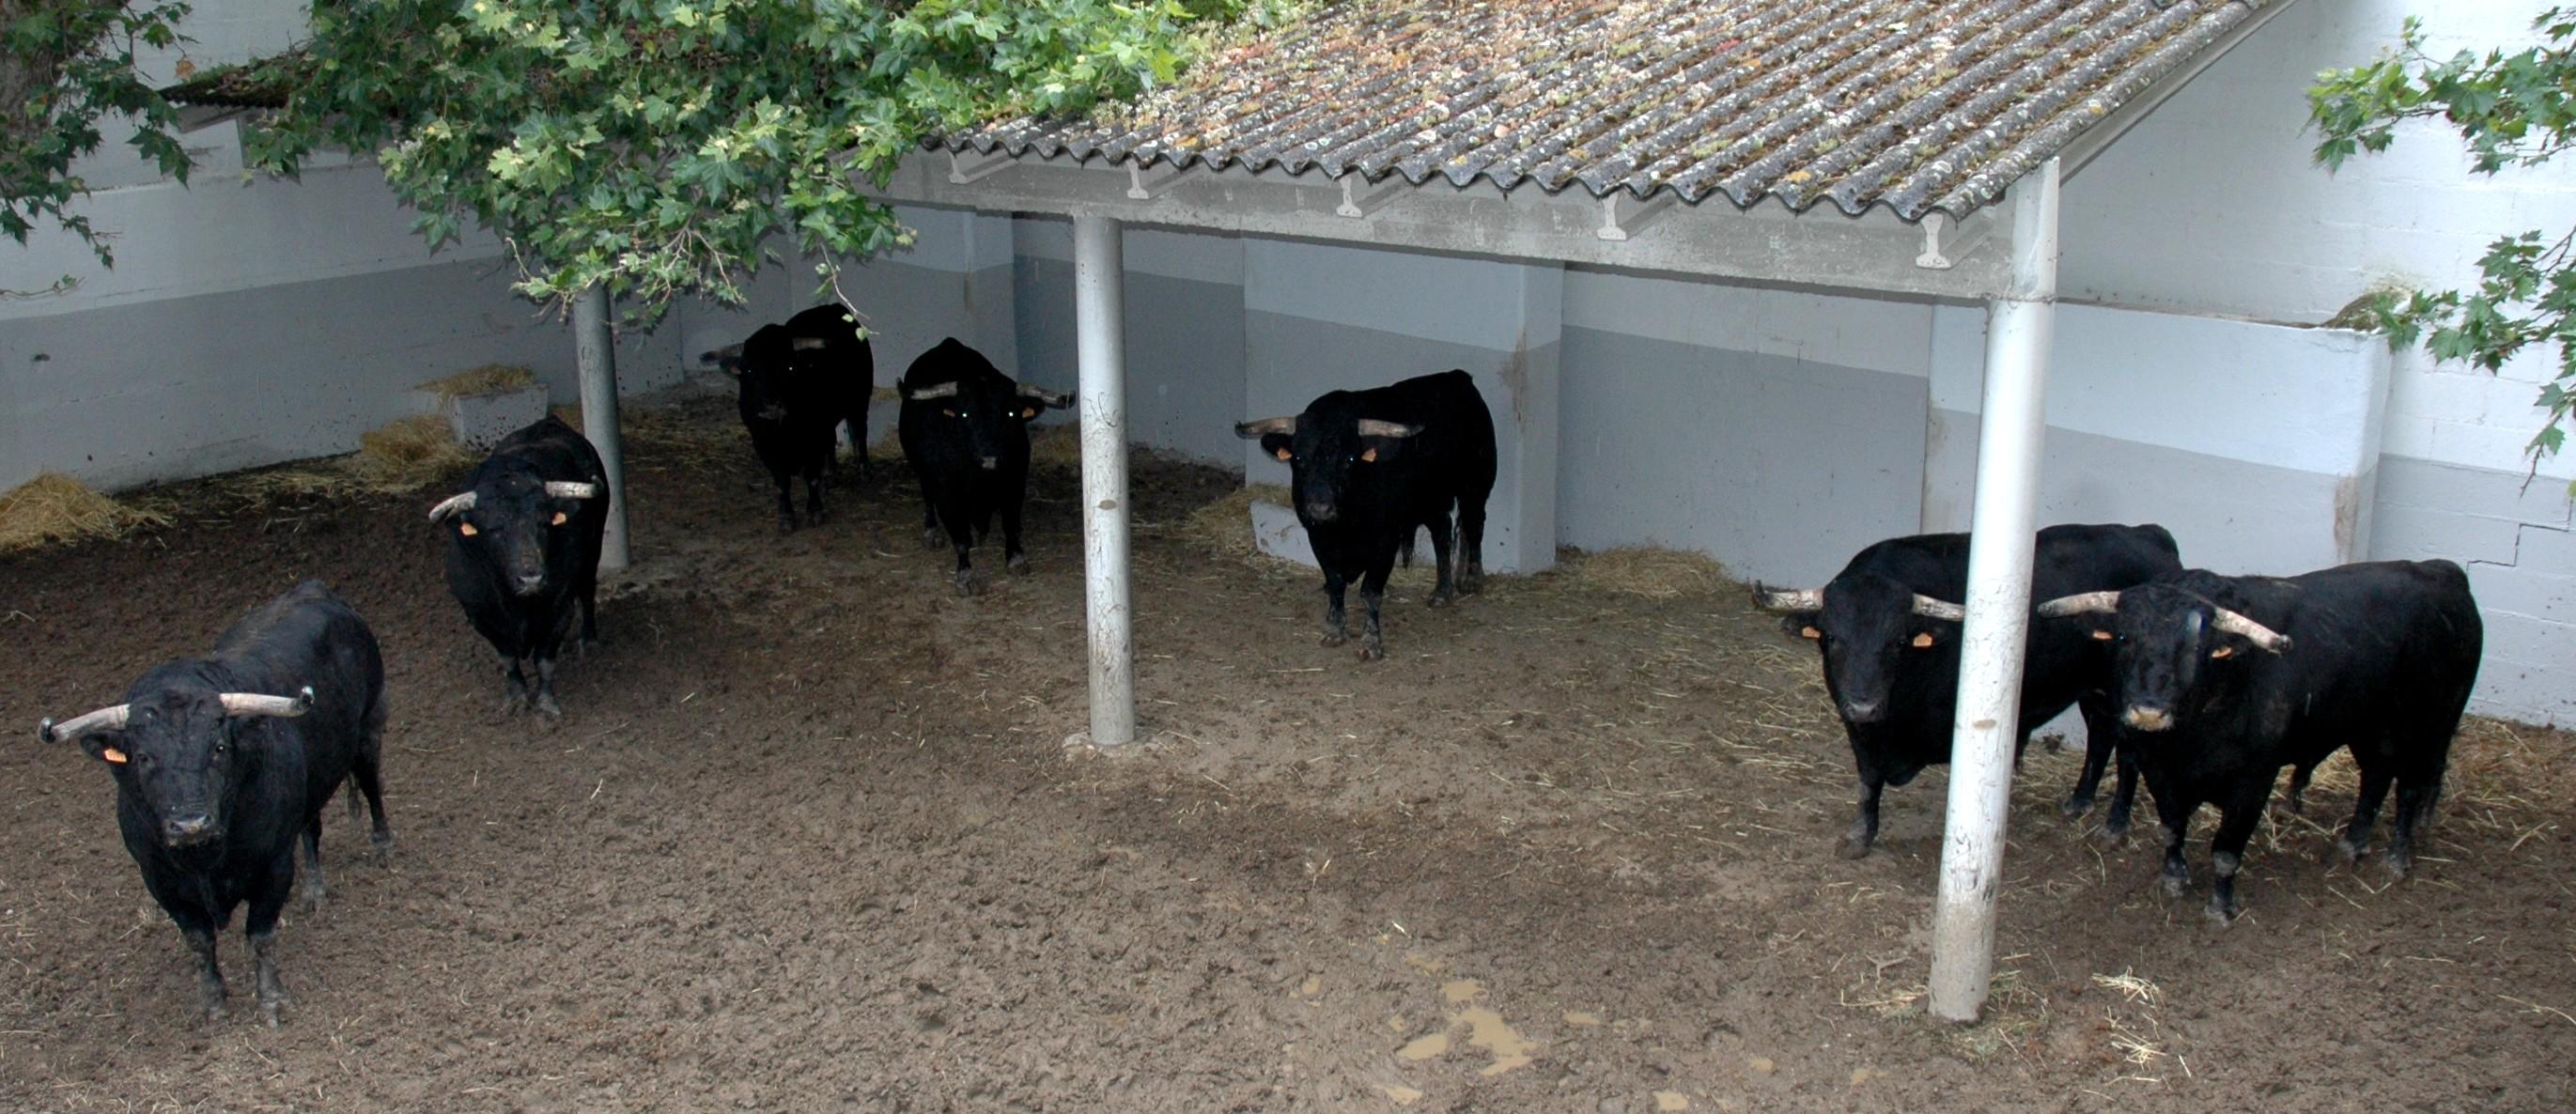 Toros del niño de la capea en los corrales de la plaza de toros de Pamplona, despuntados para rejones.